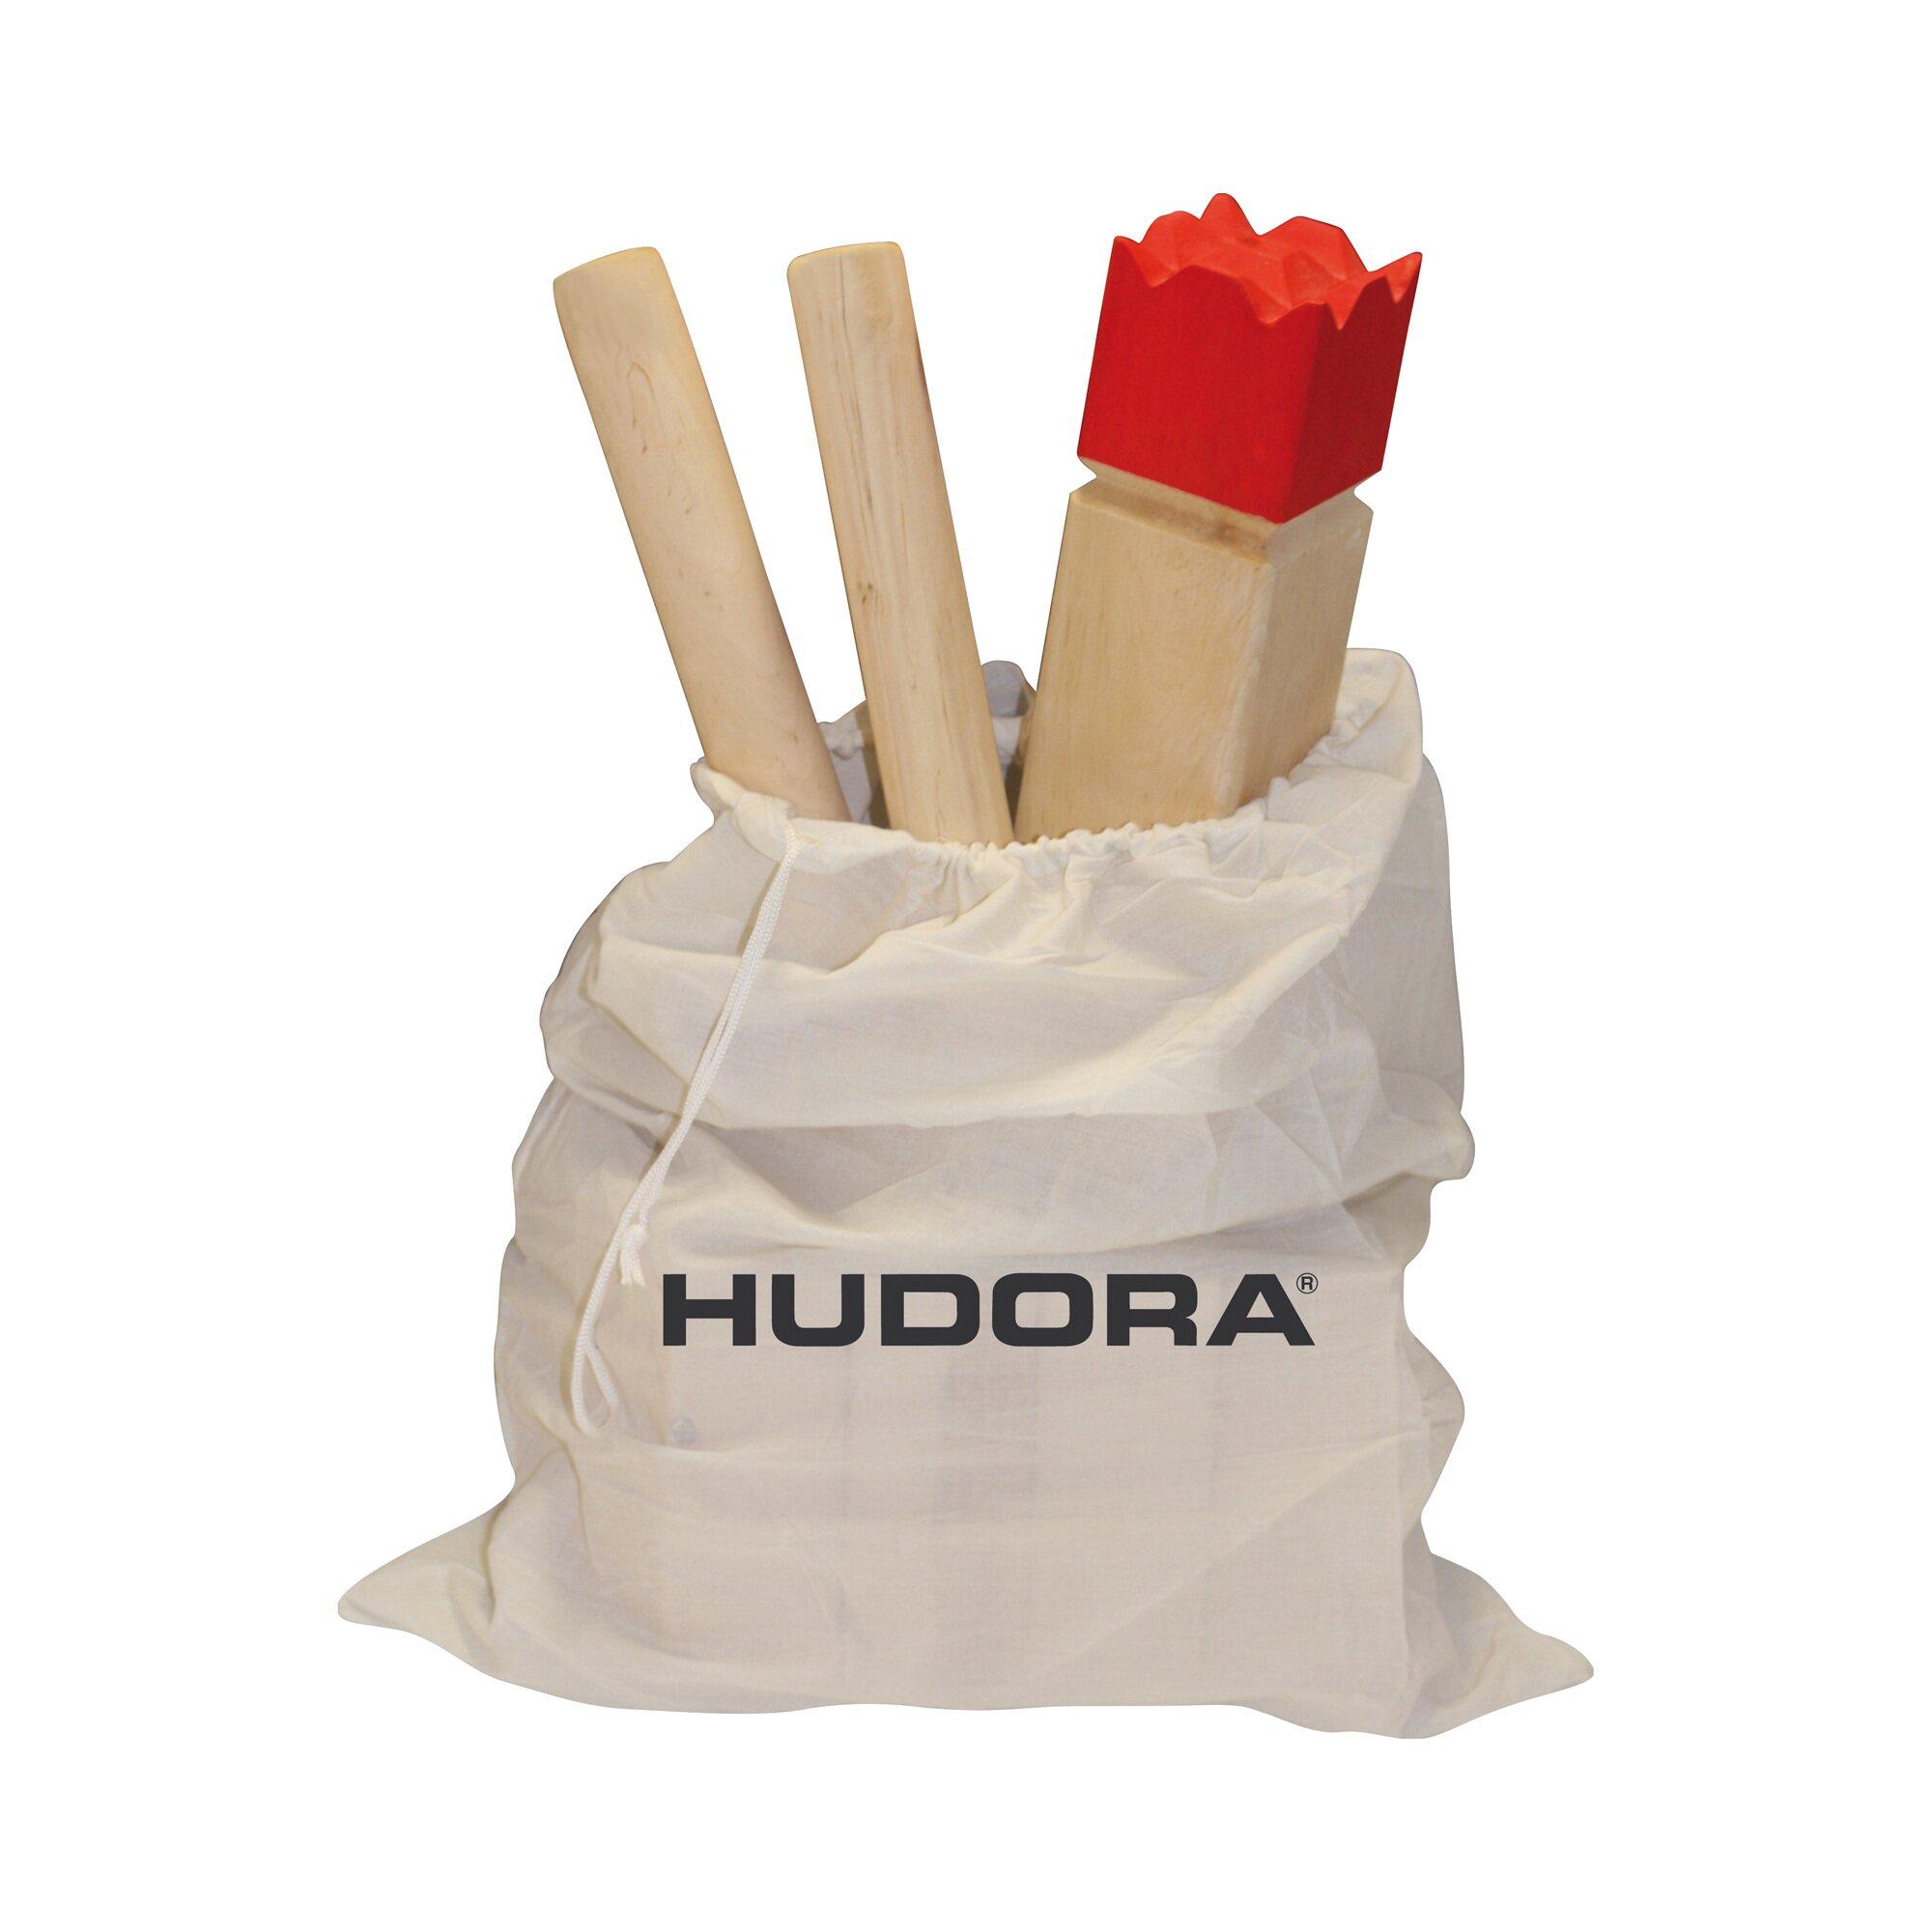 hudora-holzwurfspiel-wikingerspiel, 23.99 EUR @ babywalz-de